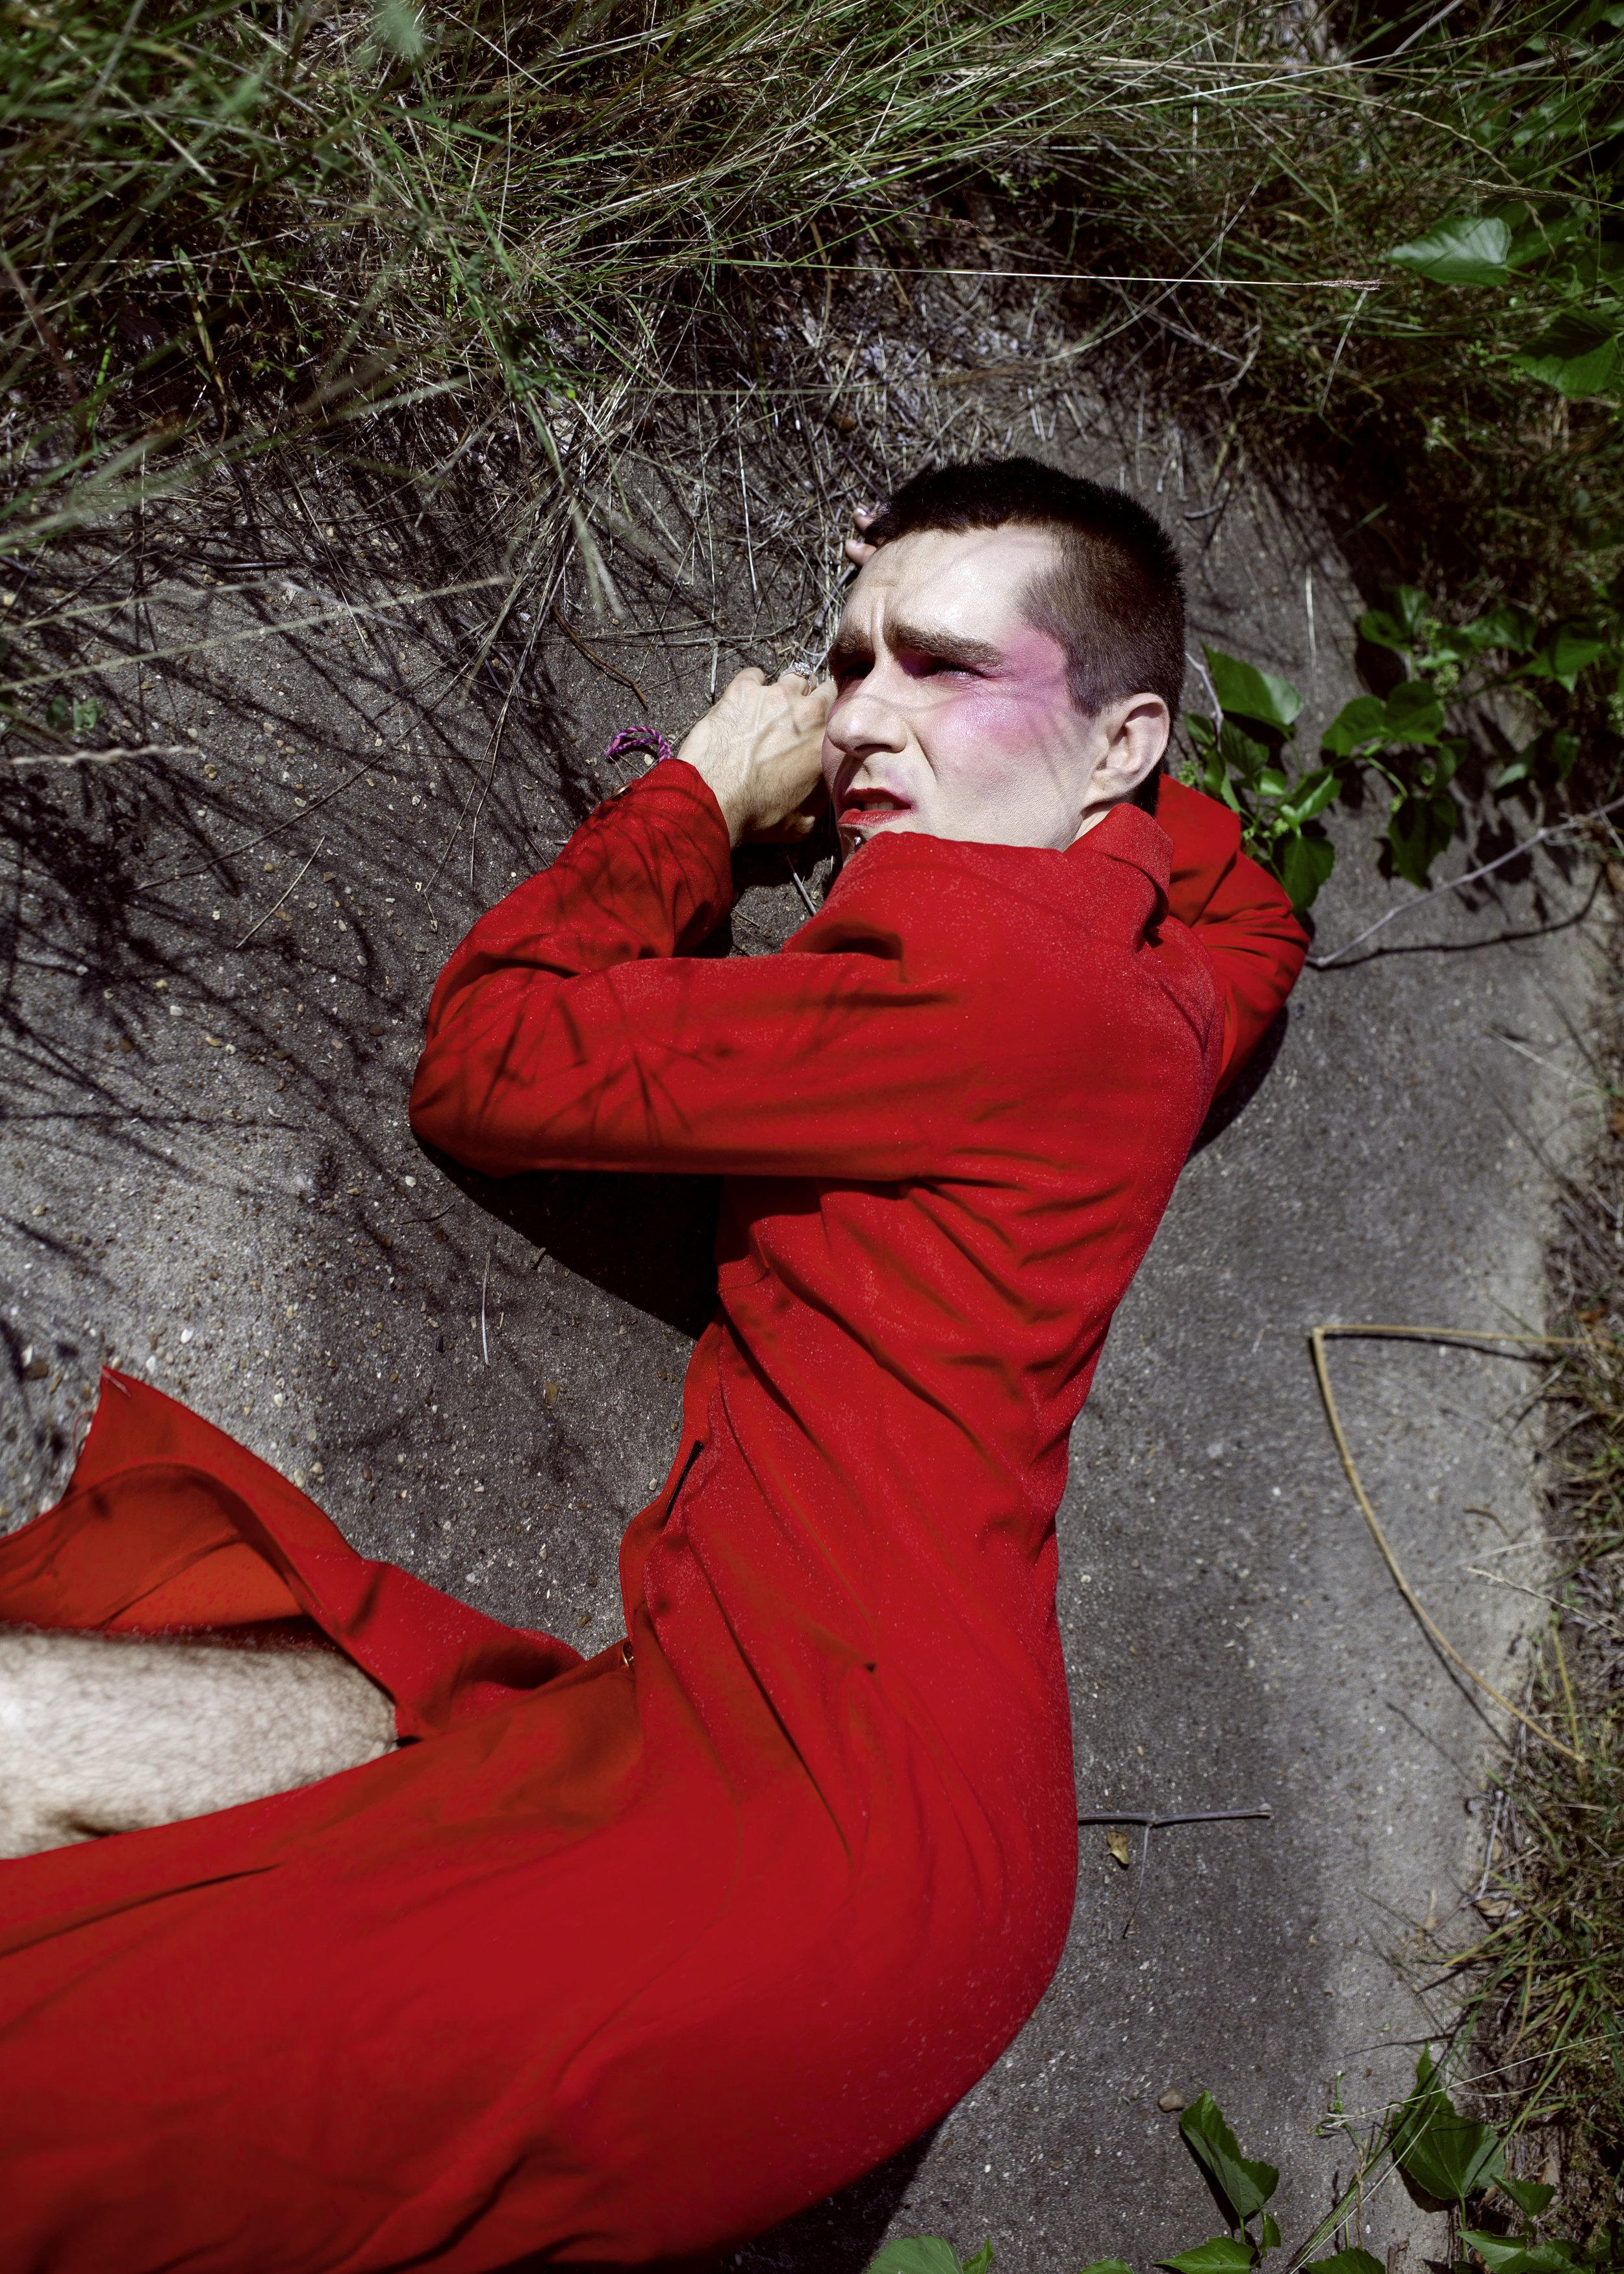 red-dress-by-ransom-ashley-.jpg